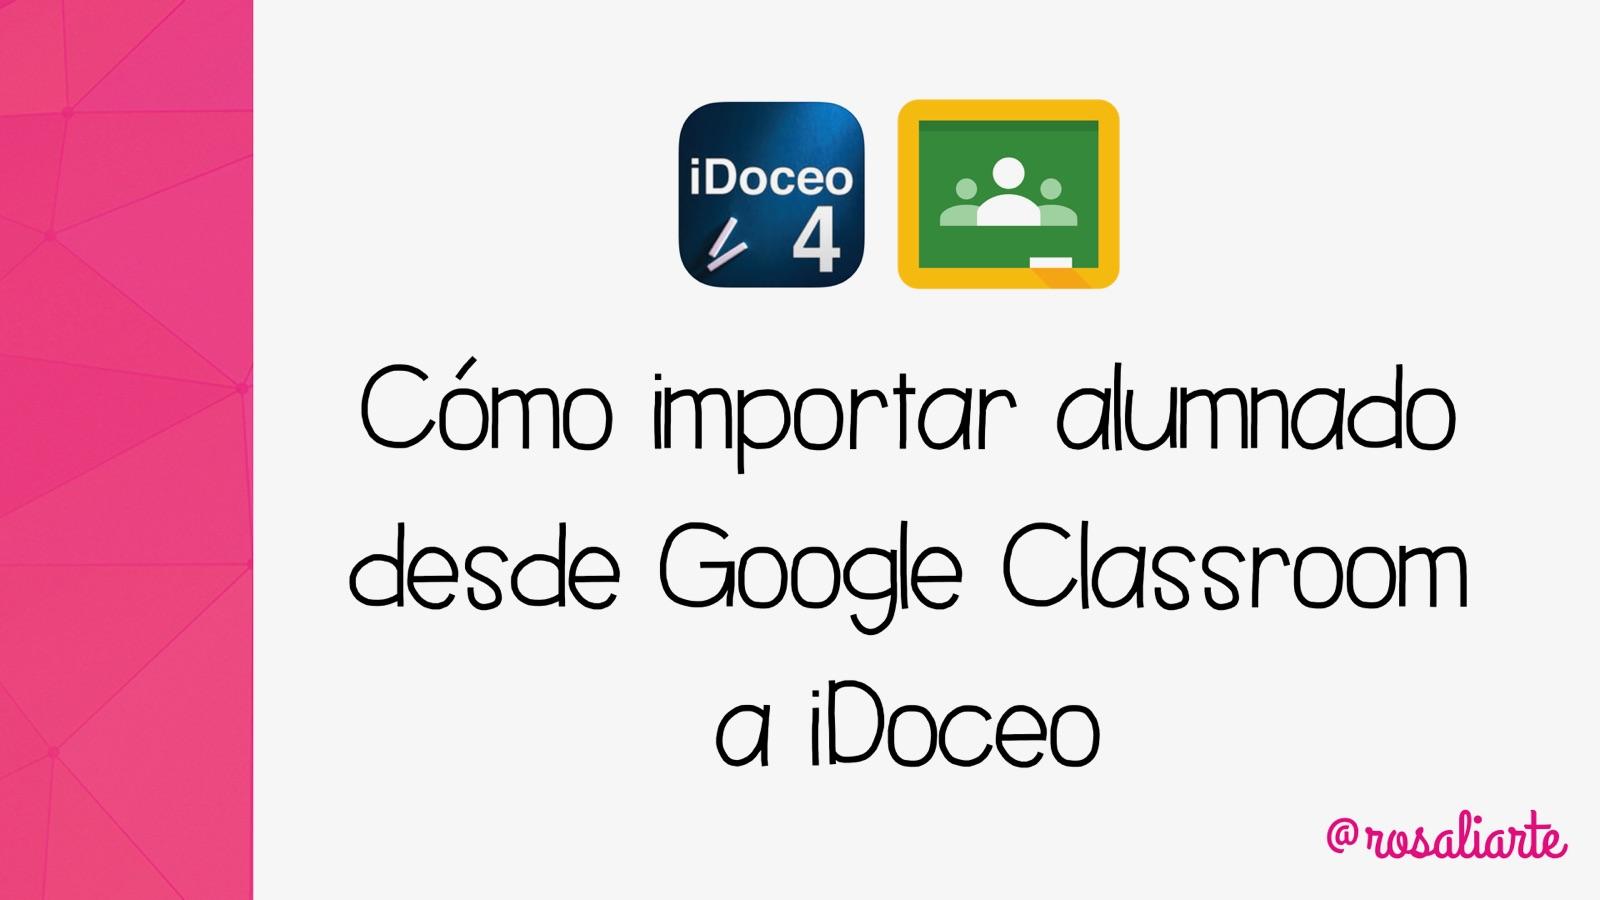 Cómo importar alumnado a iDoceo desde Google Classroom